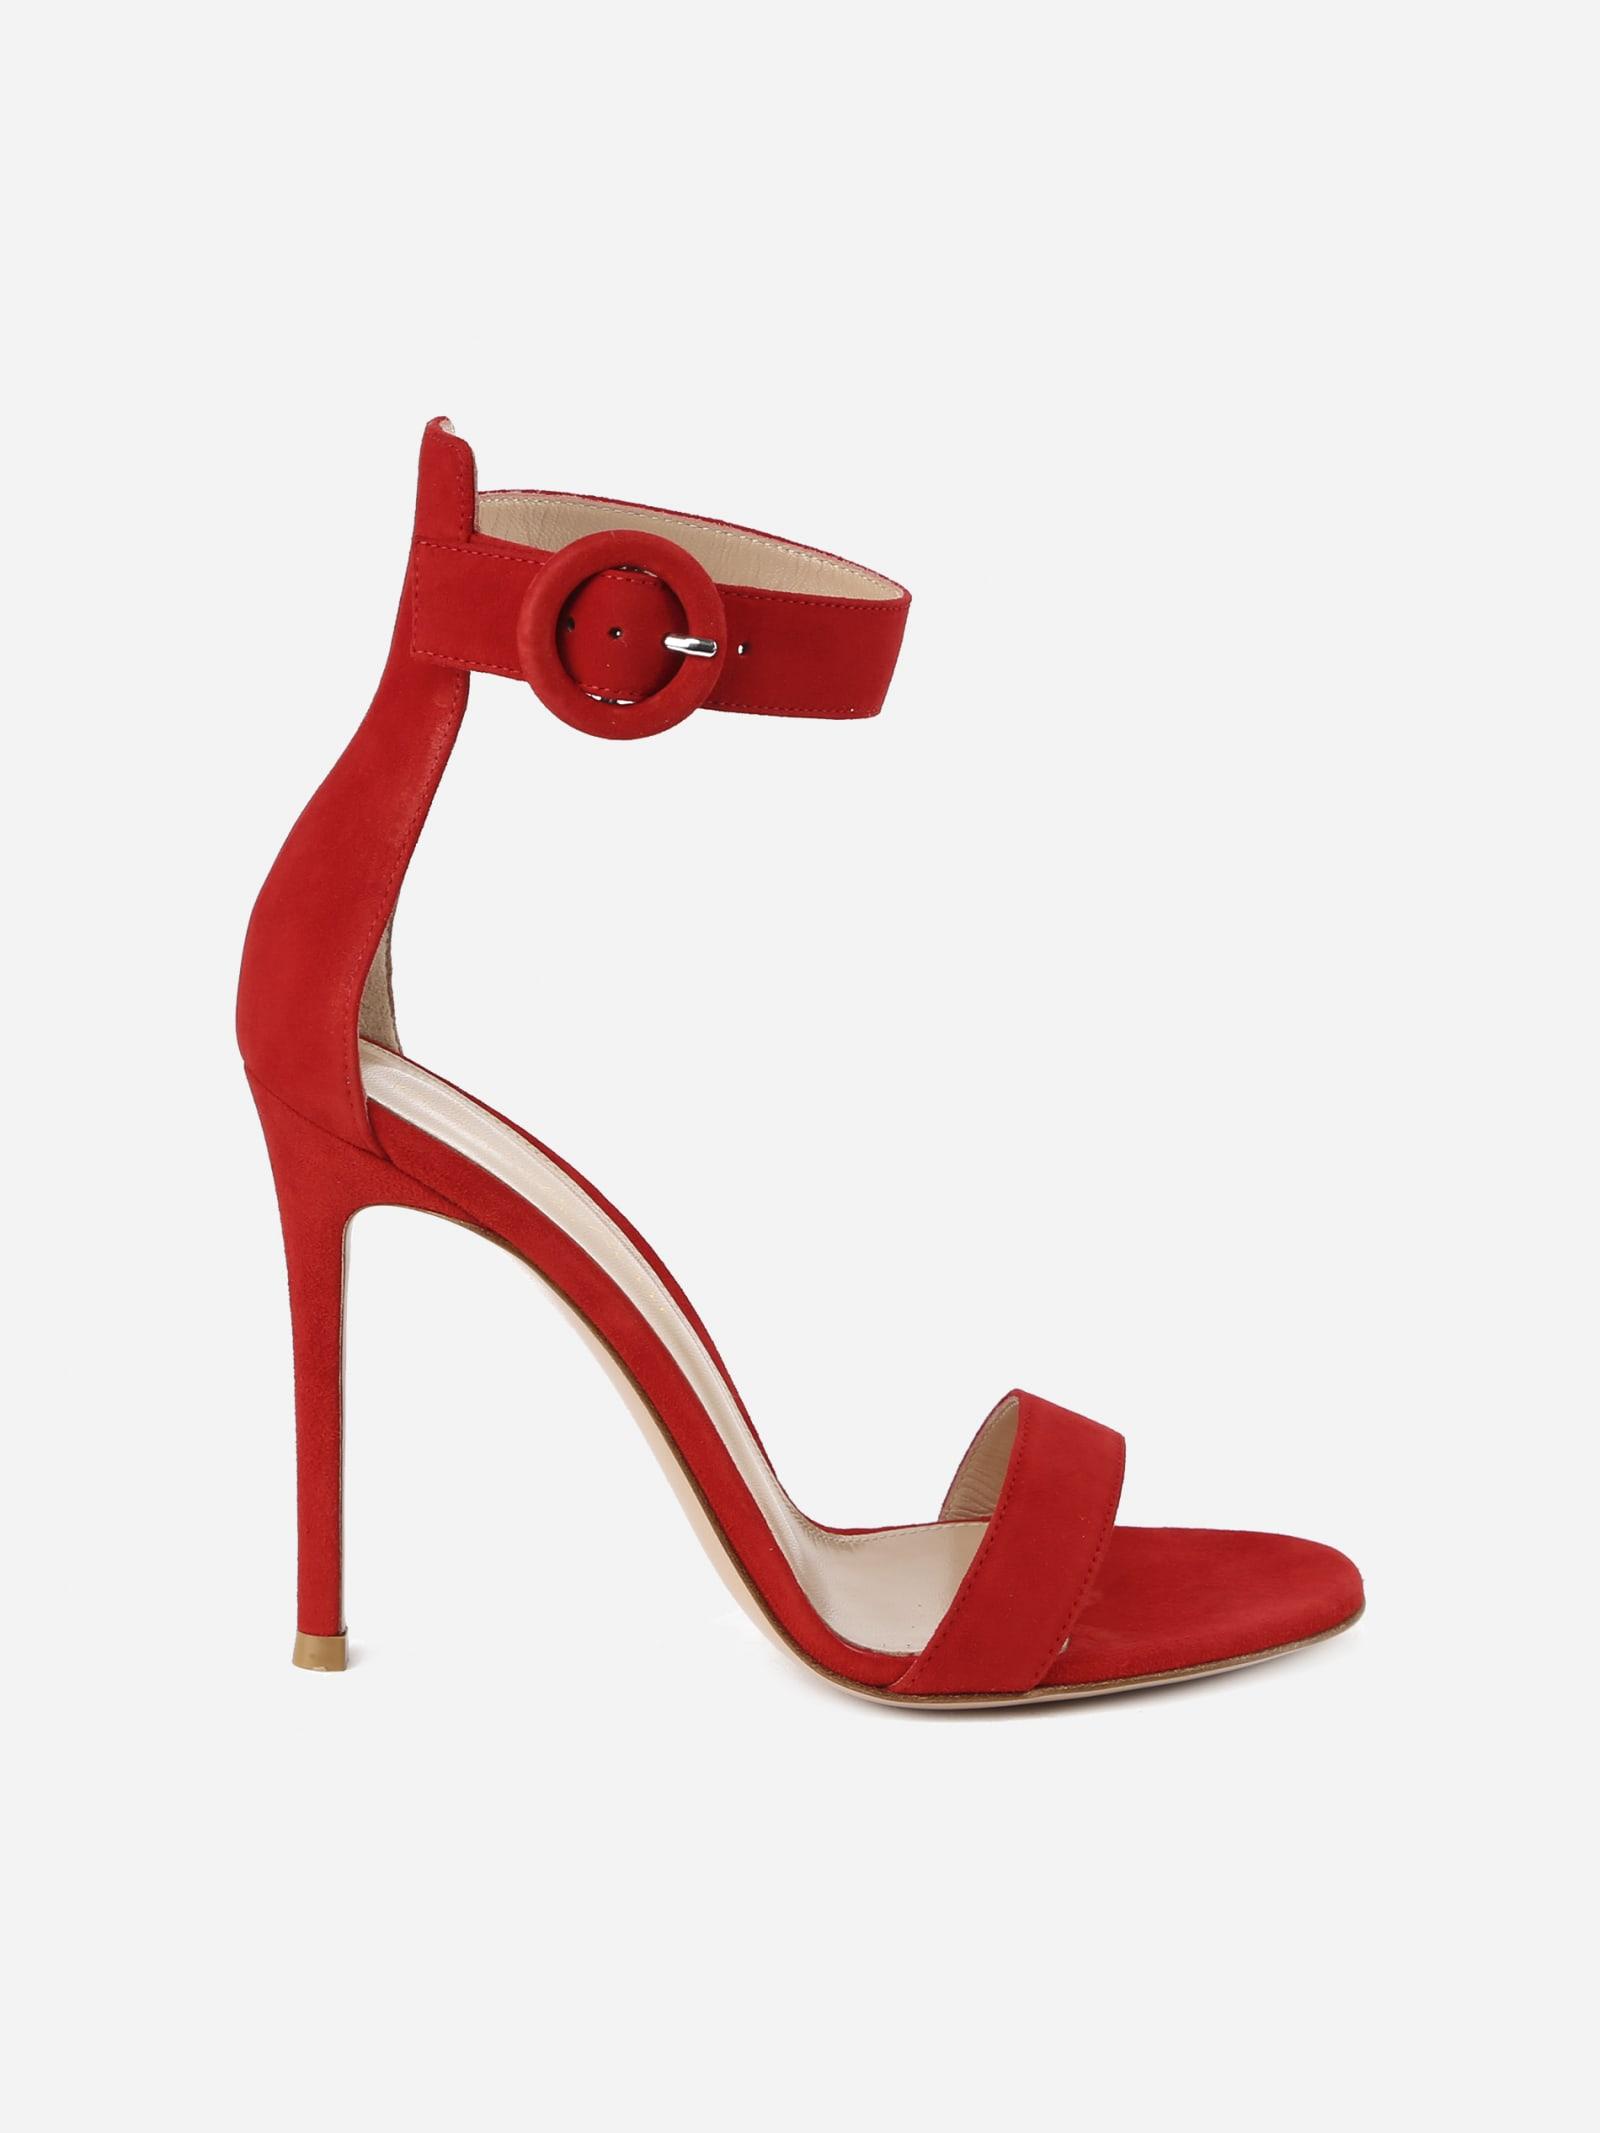 Gianvito Rossi Portofino 105 Shoes In Suede